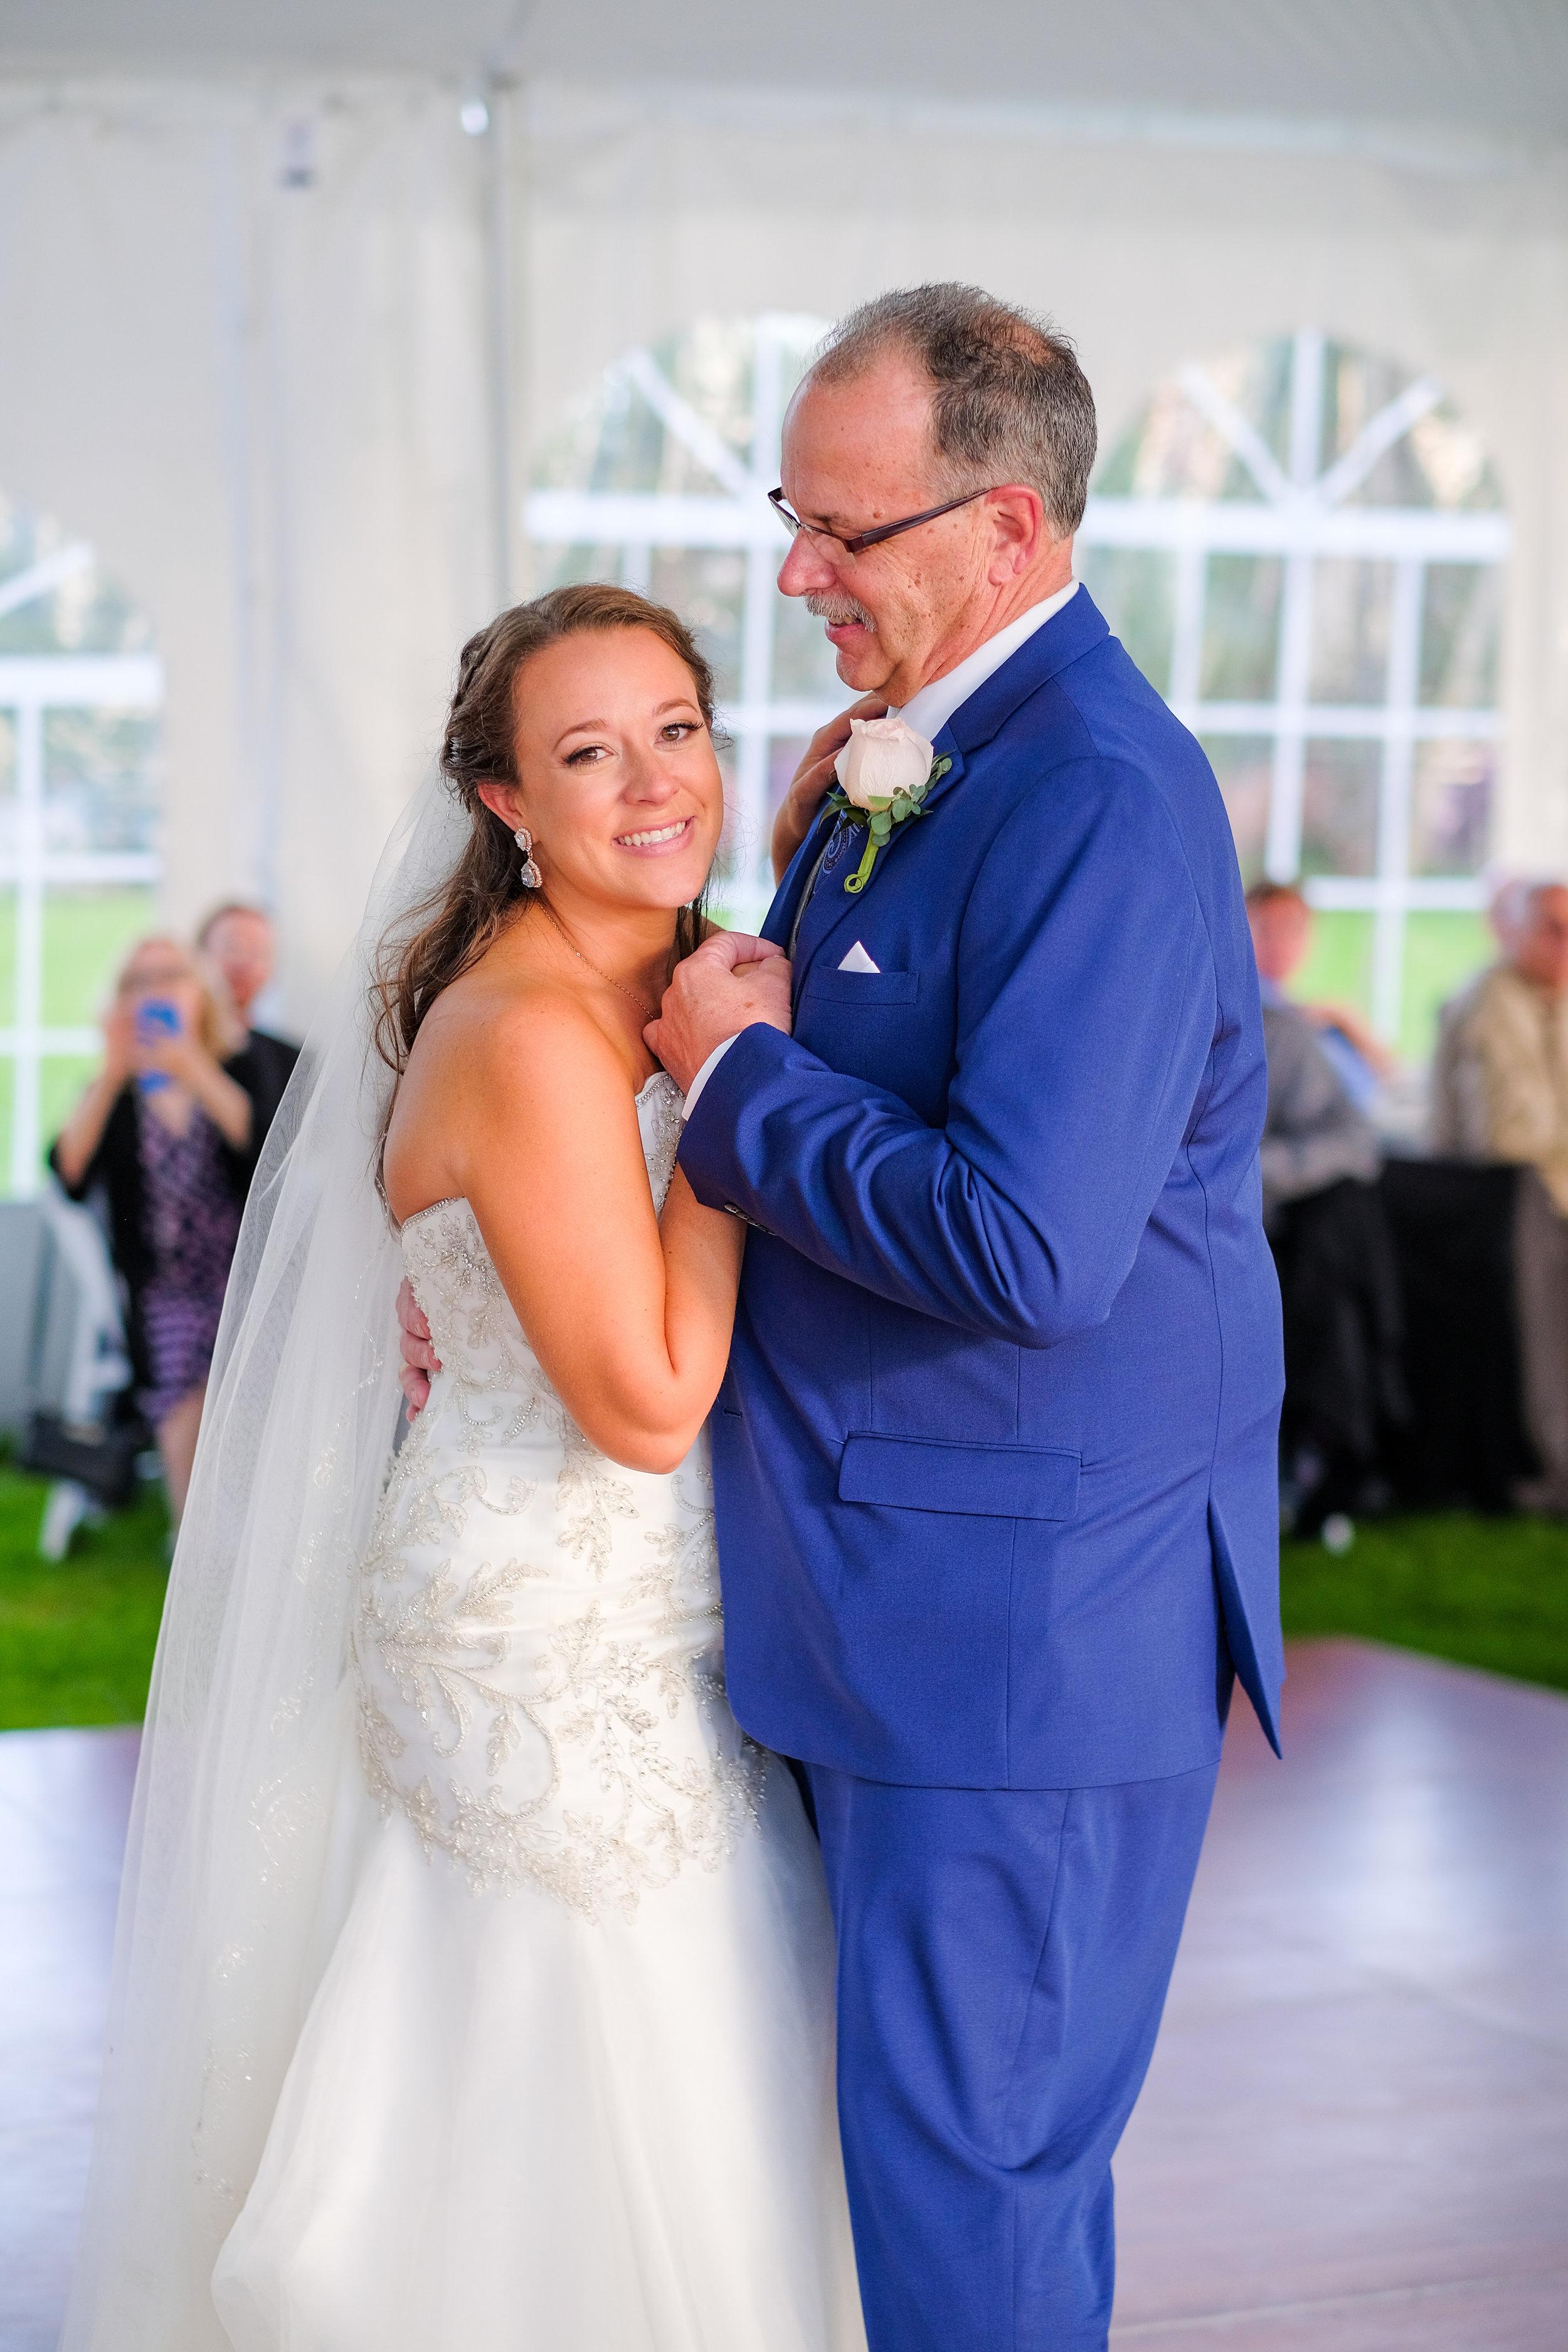 laconia-margate-wedding-photography-687.jpg